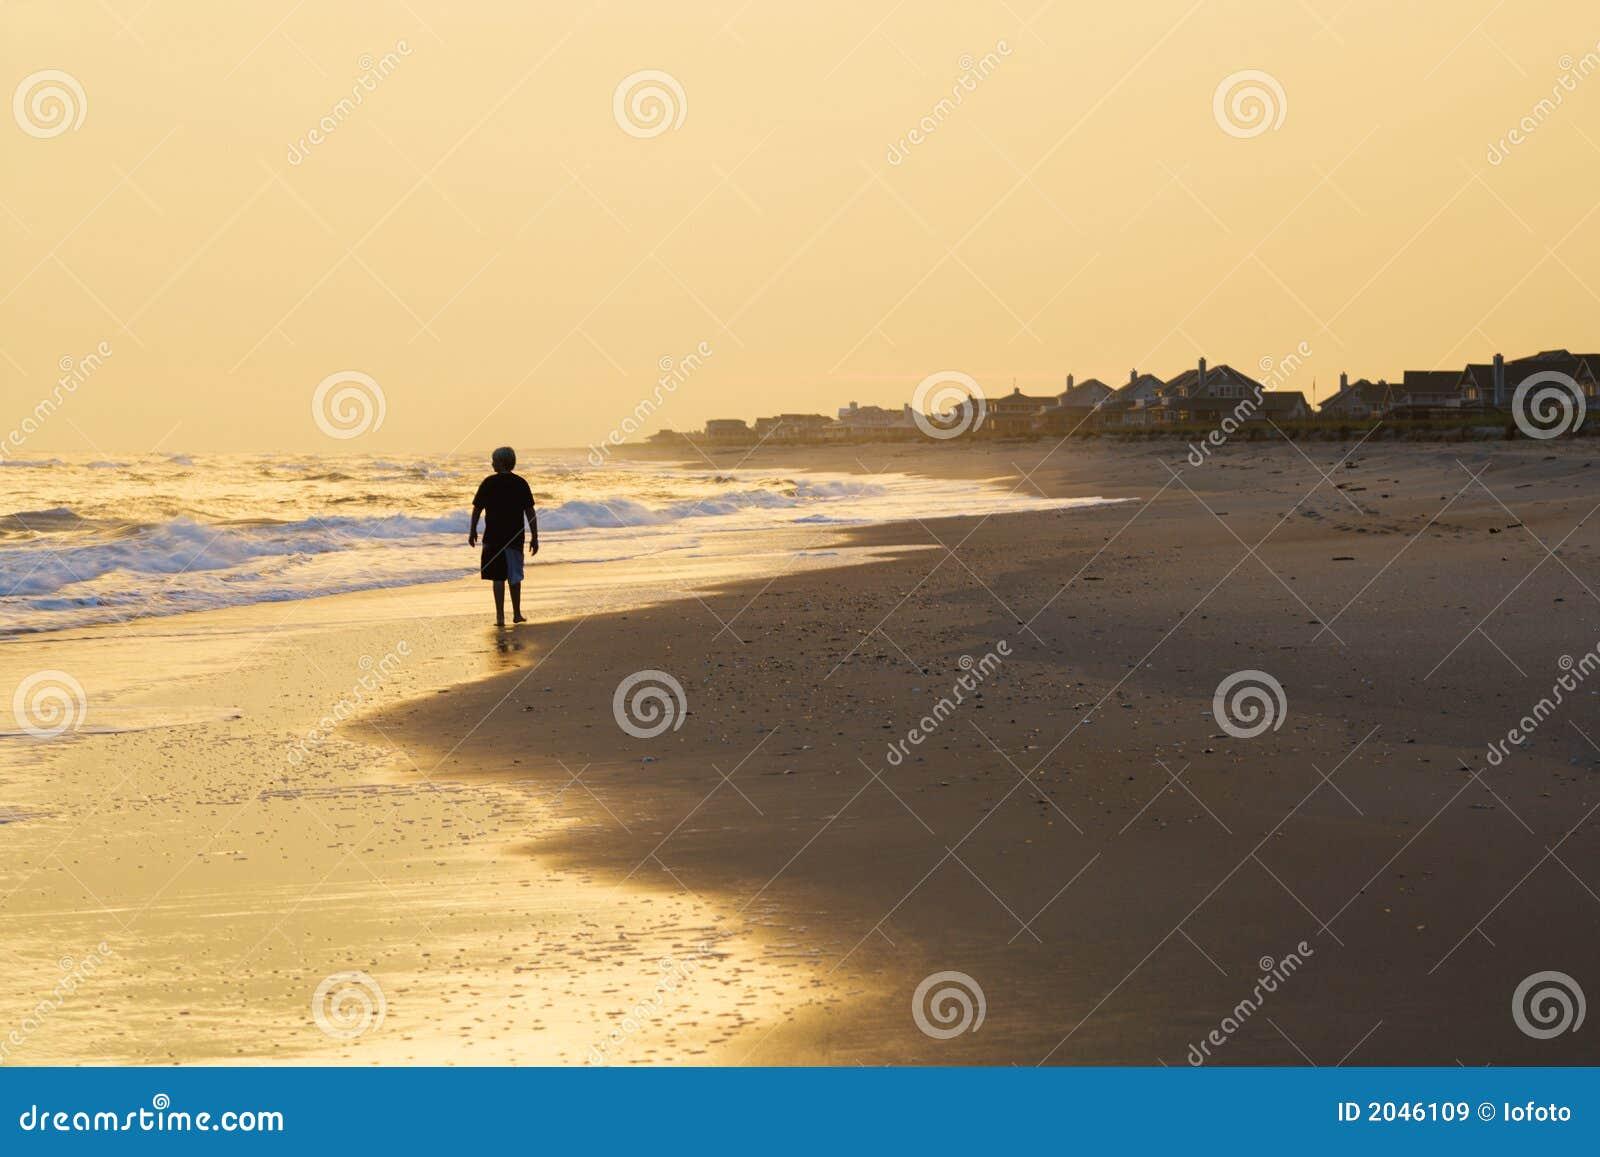 Jonge Jongen Die Op Strand Loopt Stock Foto - Afbeelding